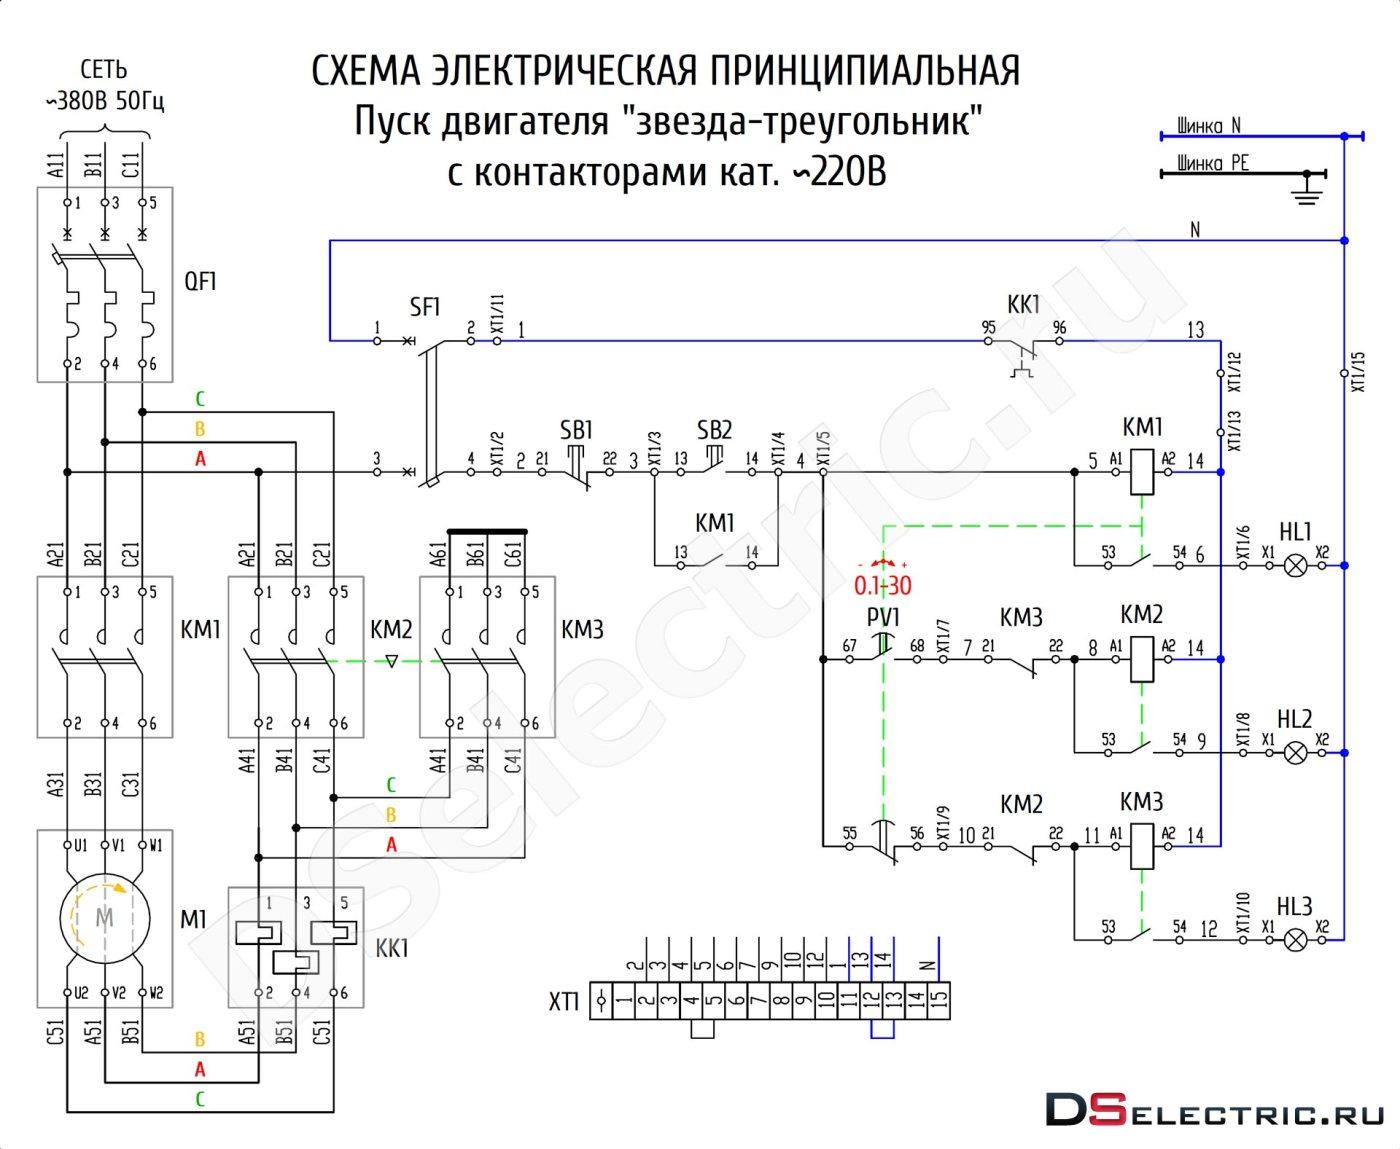 плавный пуск двигателя 380 ролях: